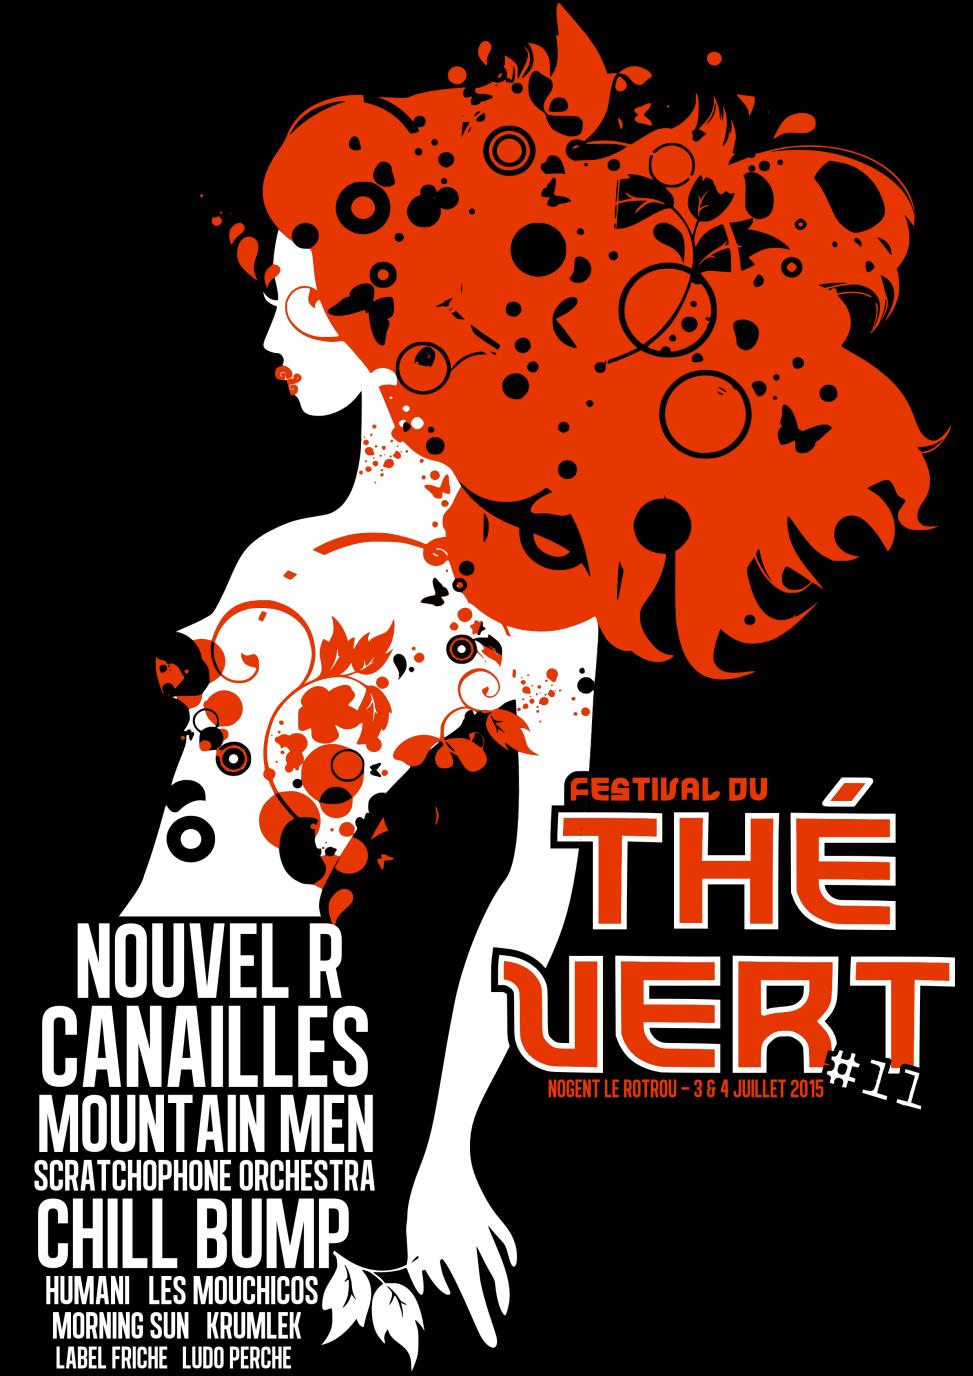 Festival du Thé Vert 2011 - Back T-Shirt